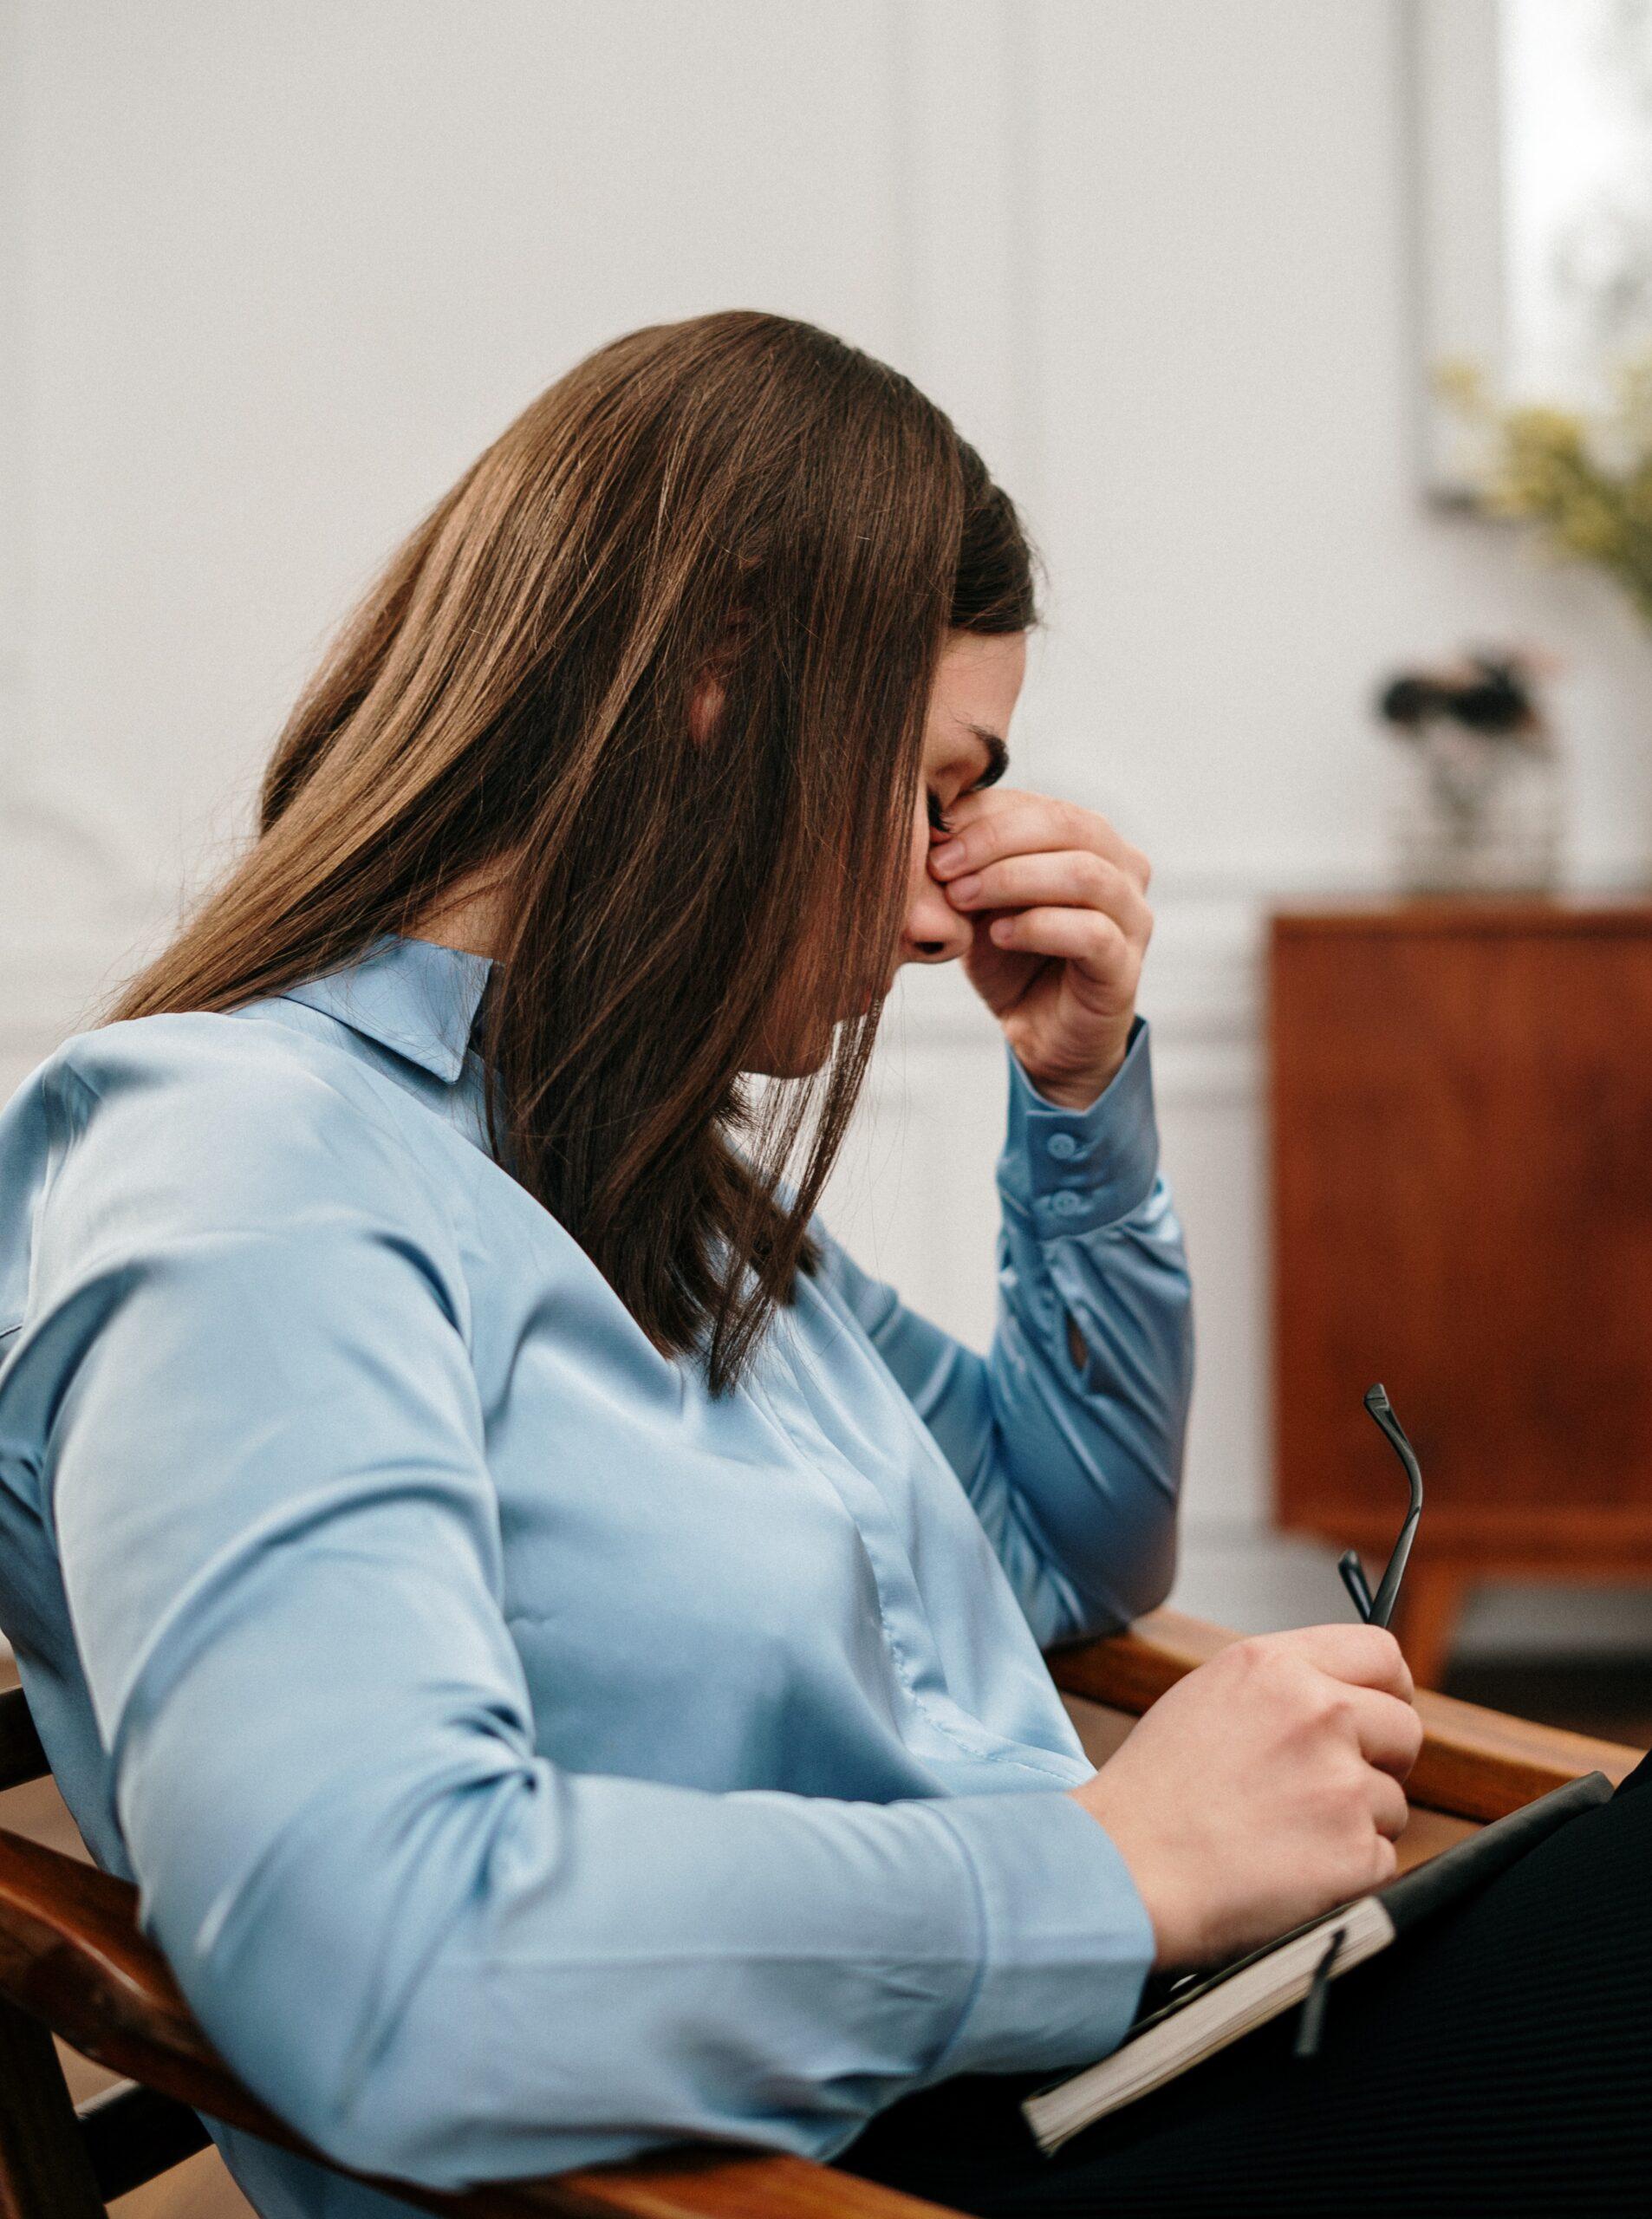 femme en burn out professionnel en psychotherapie, bleu